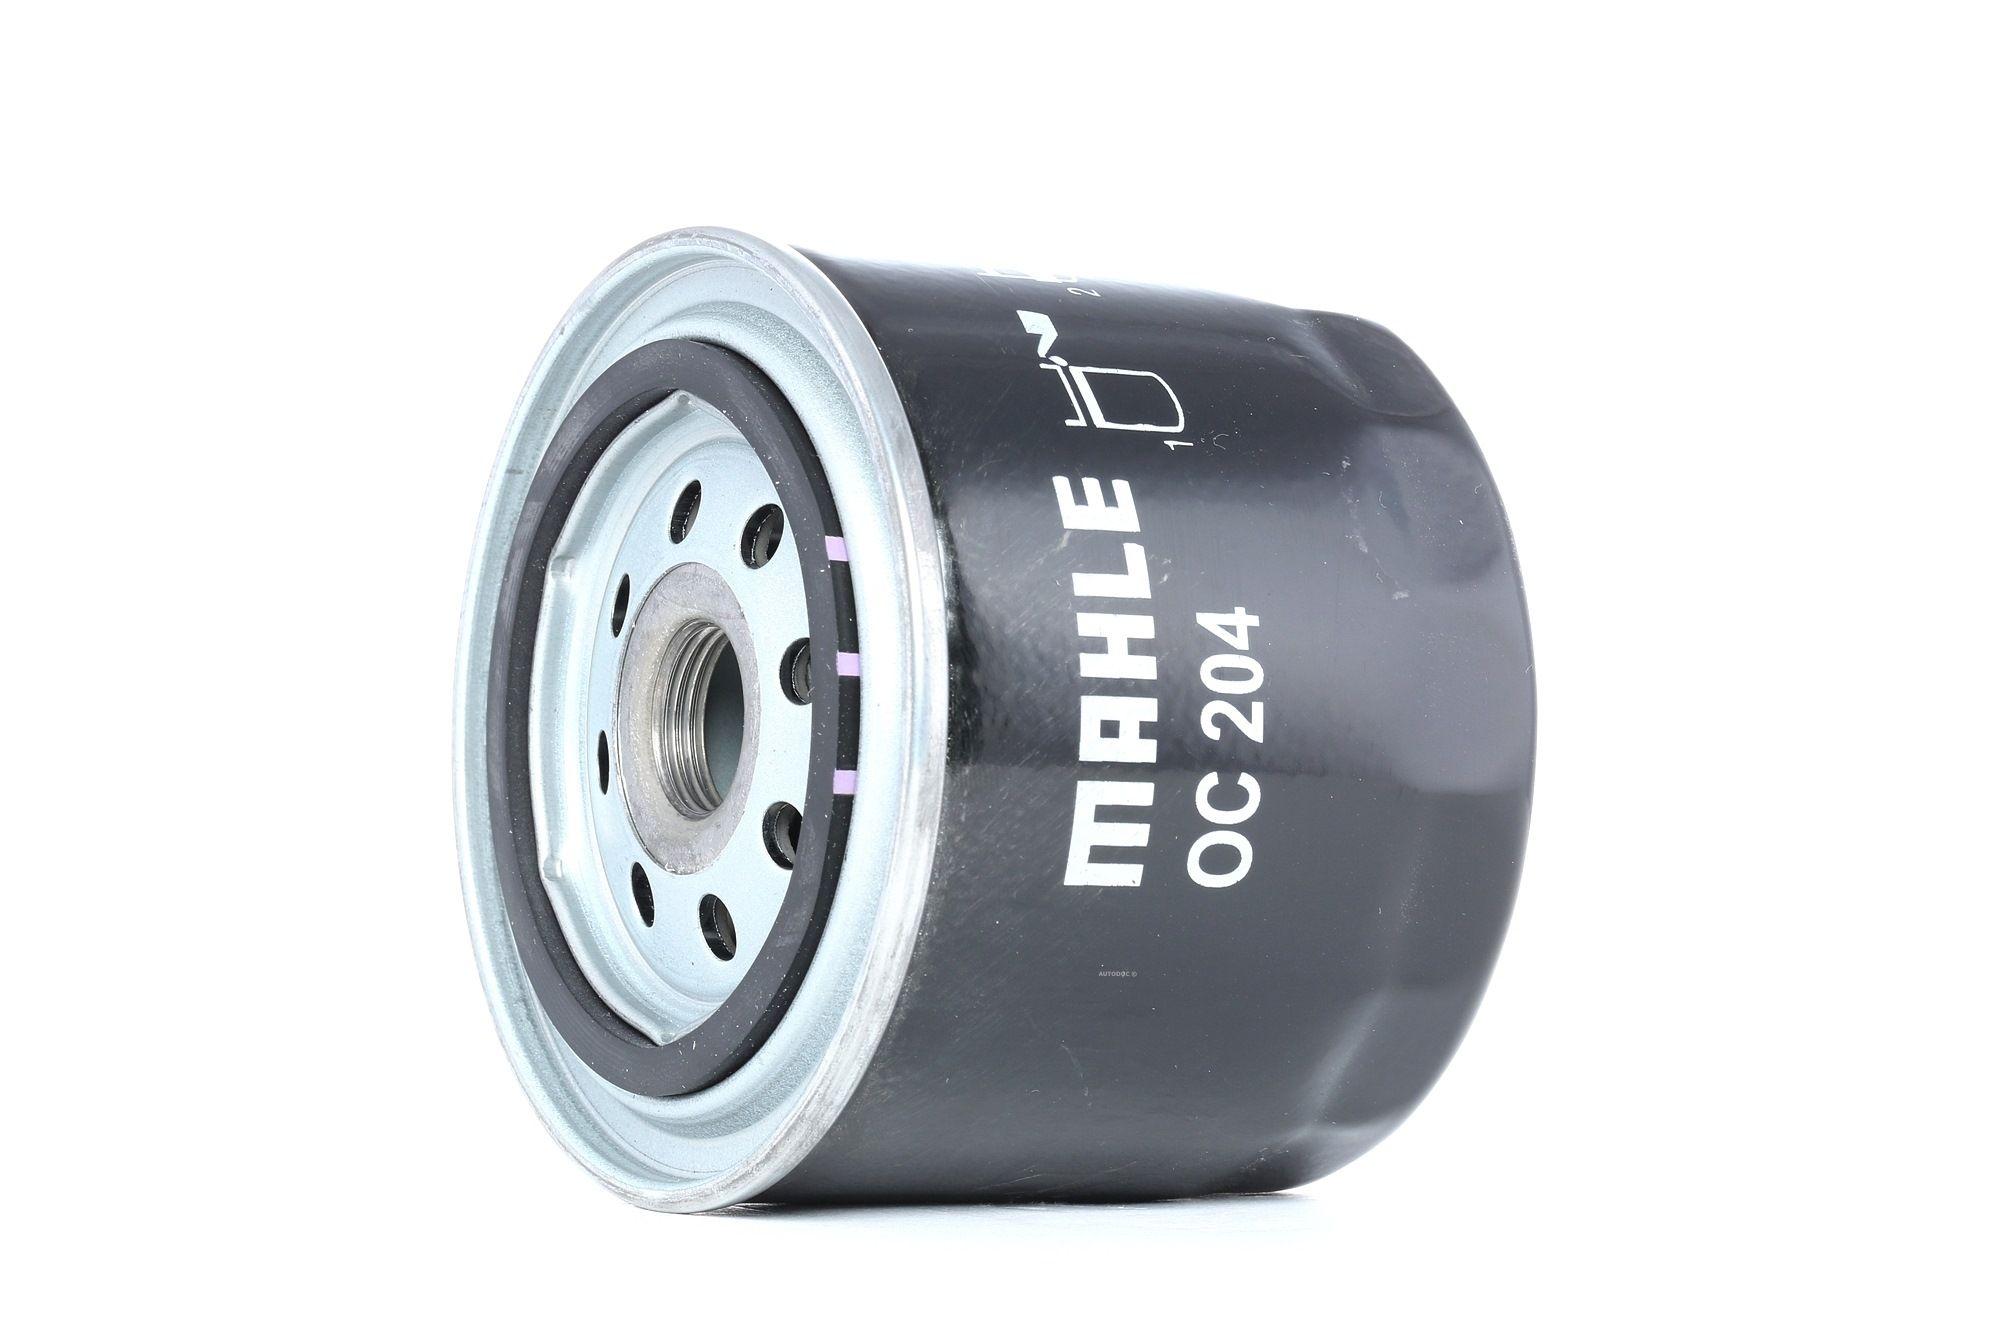 77493760 MAHLE ORIGINAL Skruvfilter Innerdiameter 2: 62mm, Ytterdiameter 2: 72mm, Ø: 93,2mm, H: 81mm Oljefilter OC 204 köp lågt pris